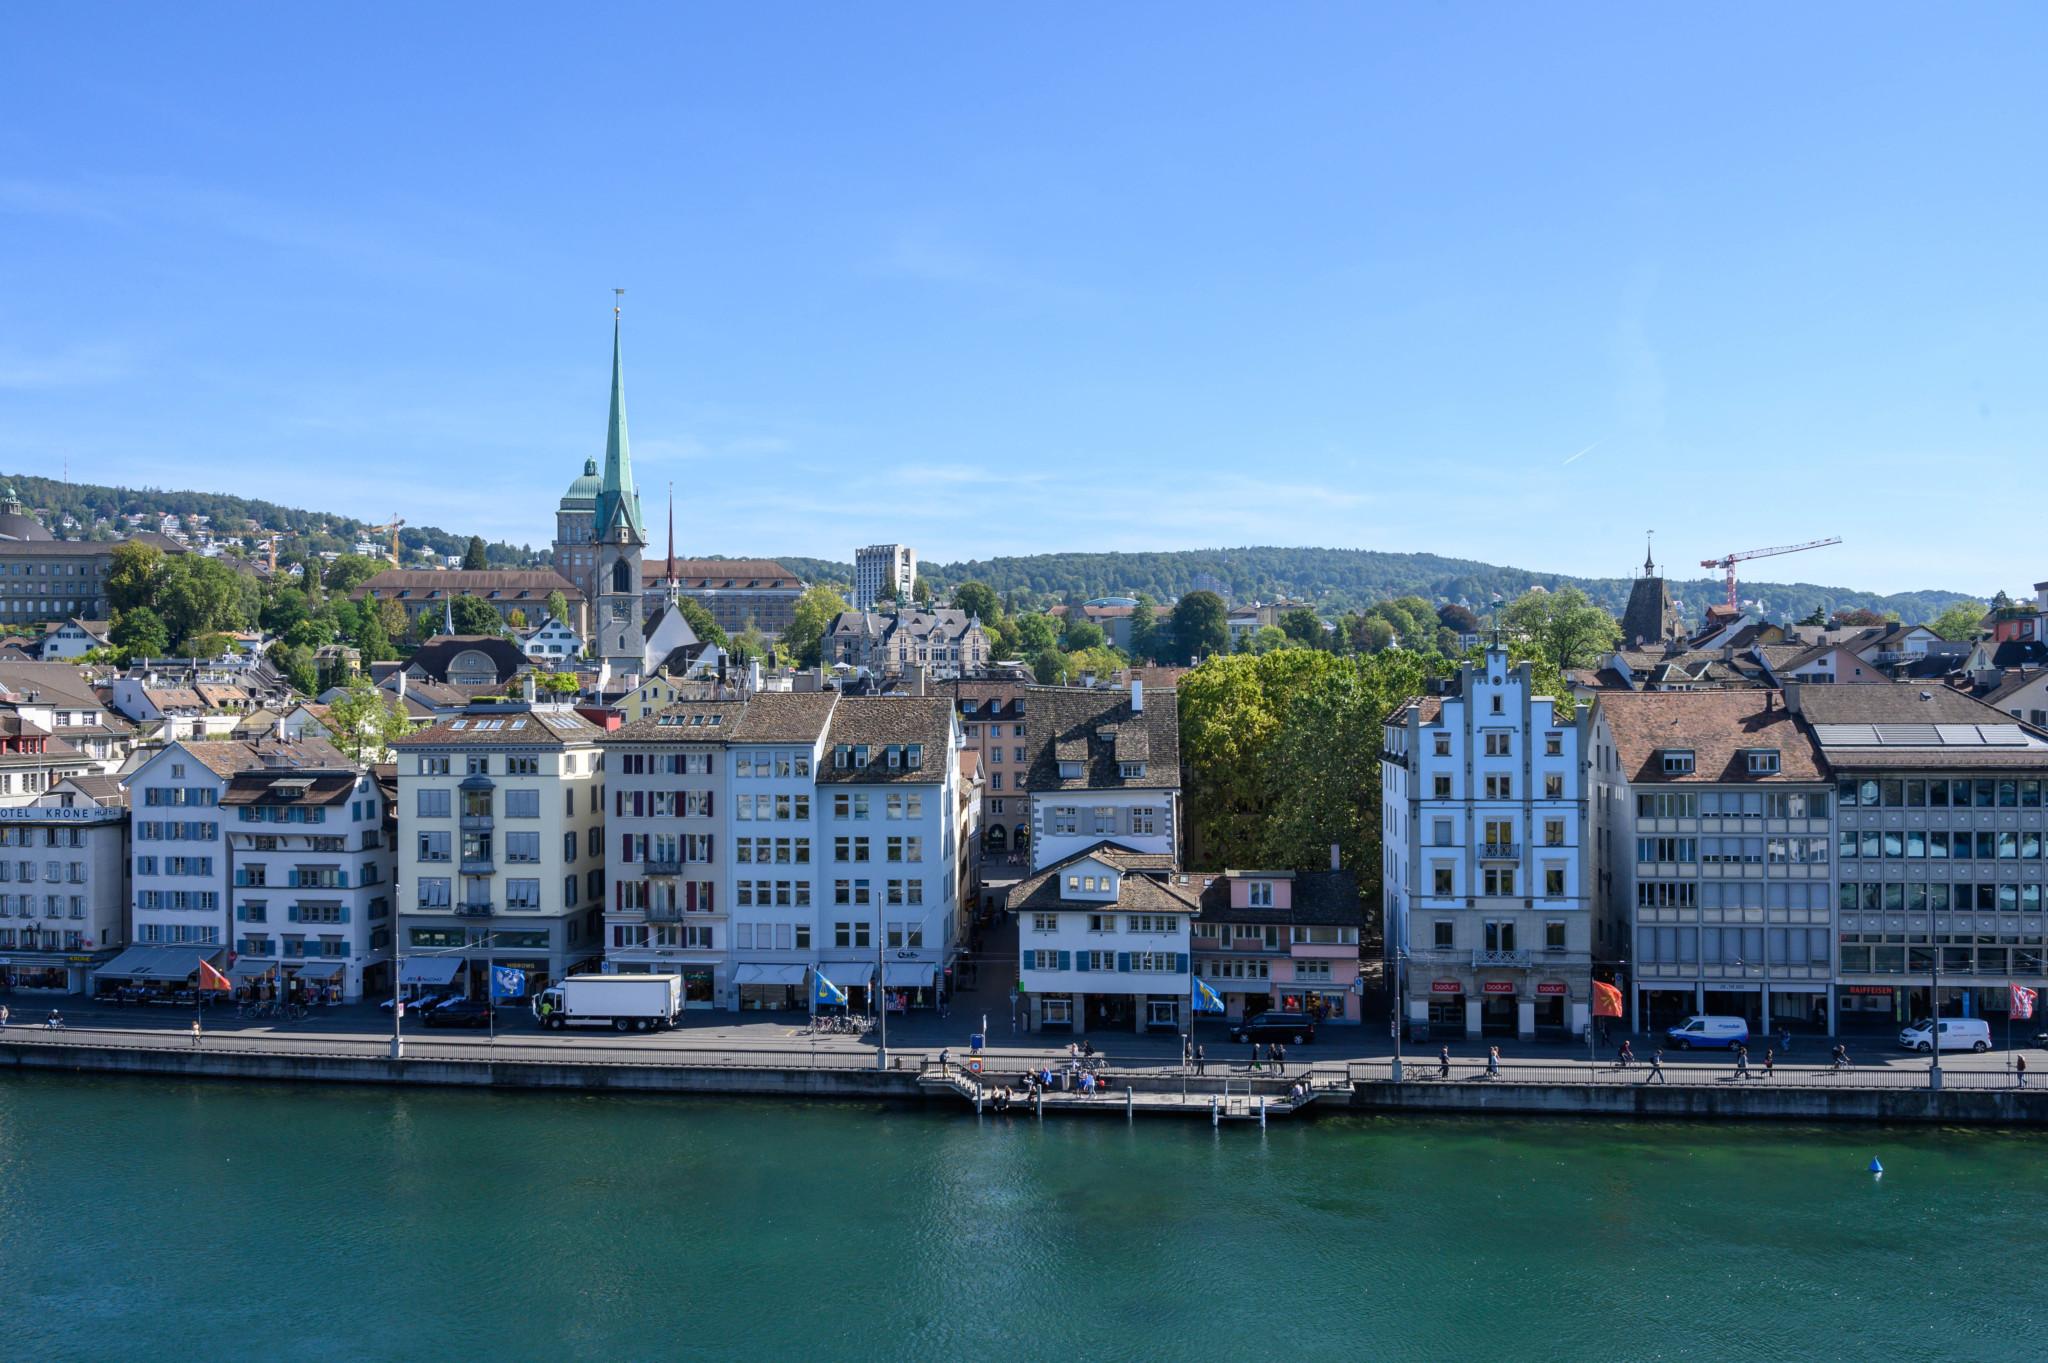 Blick auf die Altstadt mit Zürich Sehenswürdigkeiten